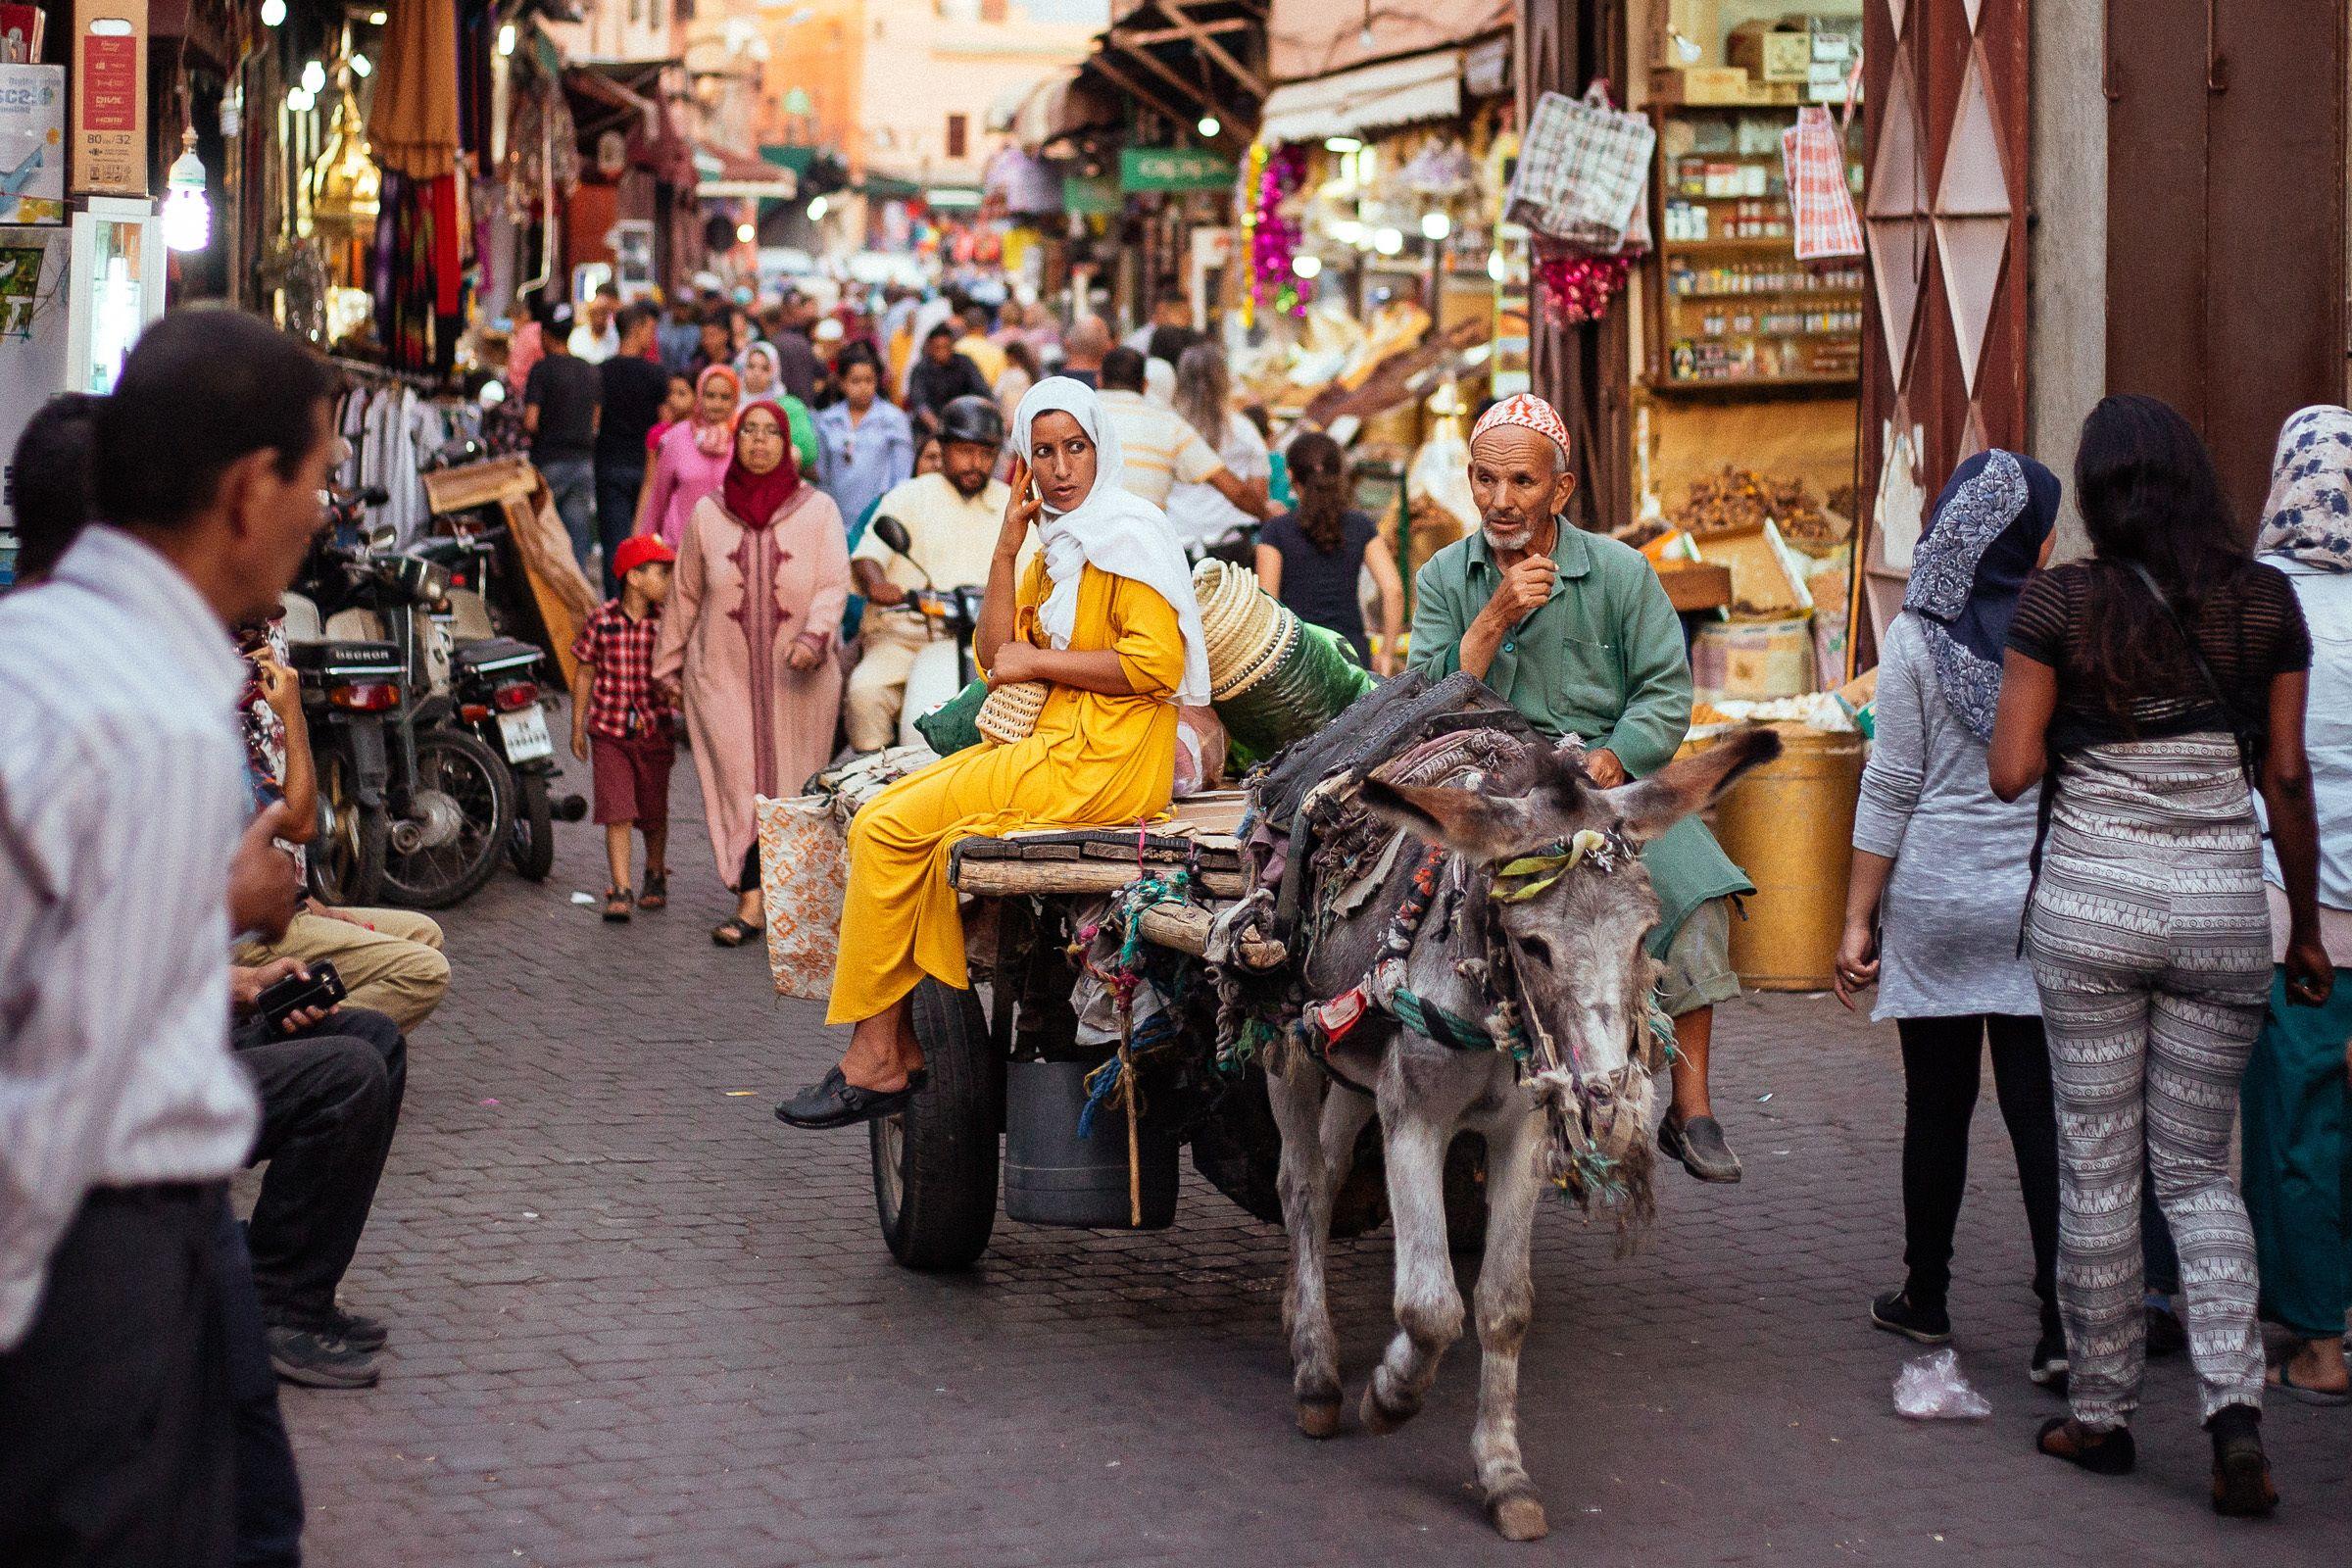 Crowded street in Marrakech